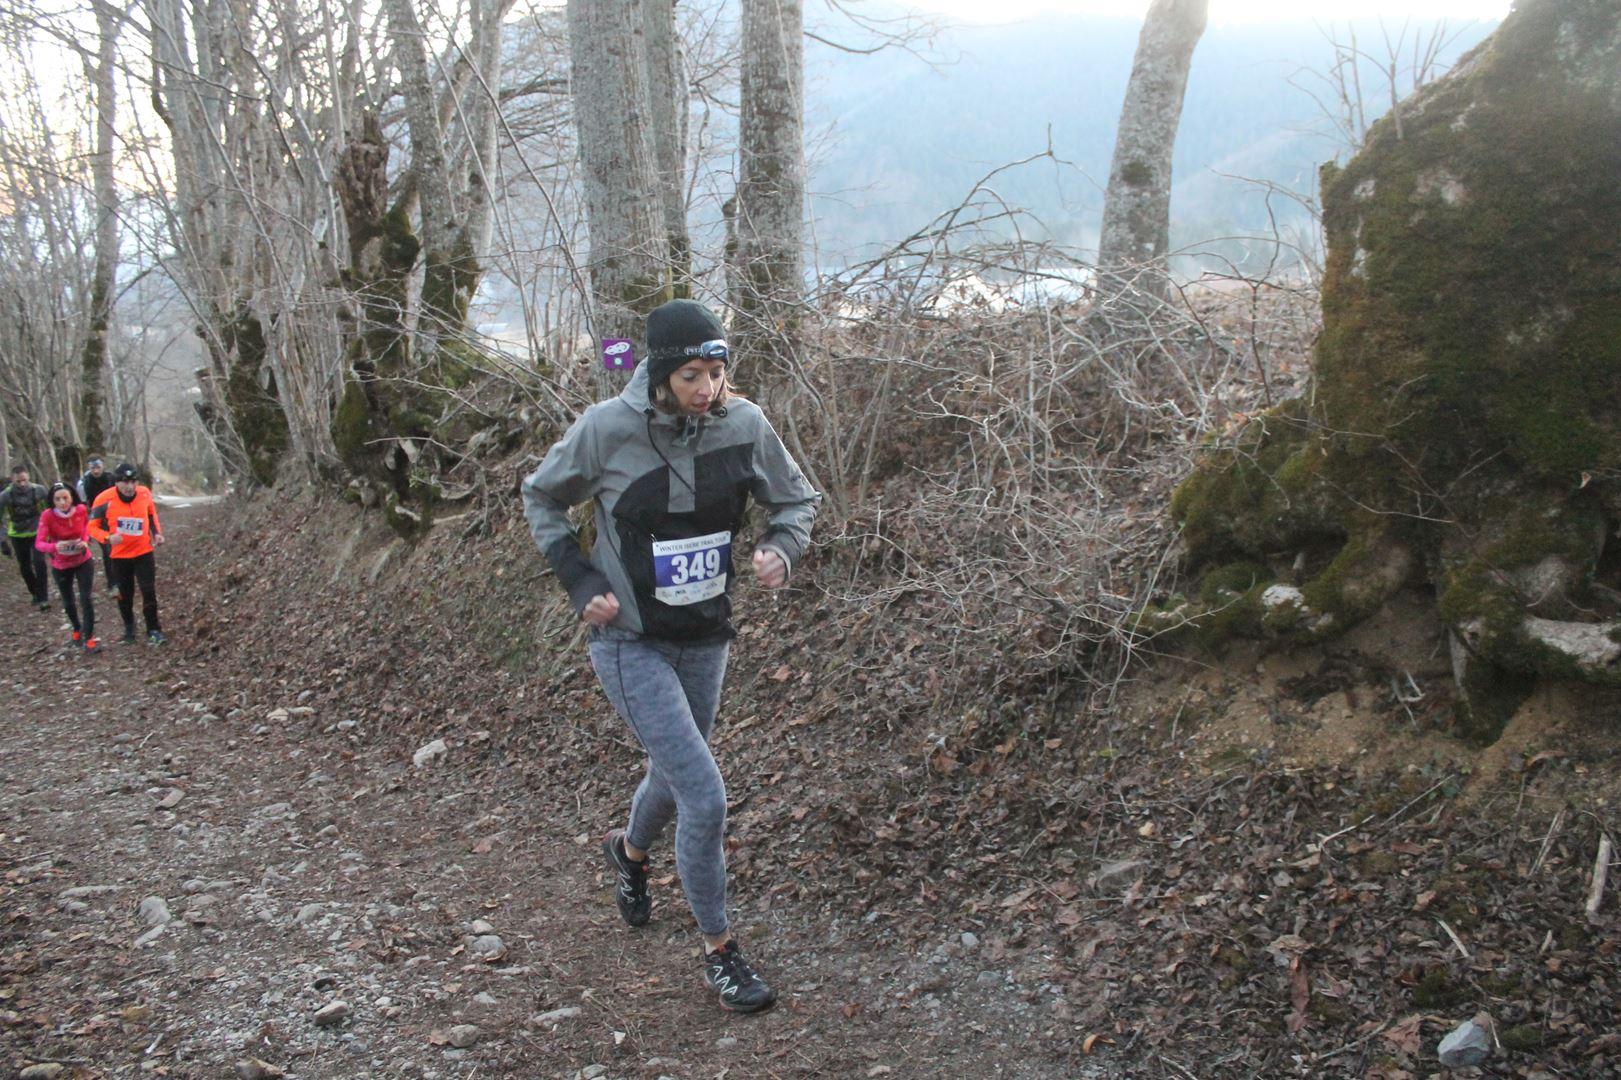 coureuse en sous bois - RESULTATS ET COMMENTAIRES DU TRAIL DU SAPPEY EN CHARTREUSE (38) -18-02-2017